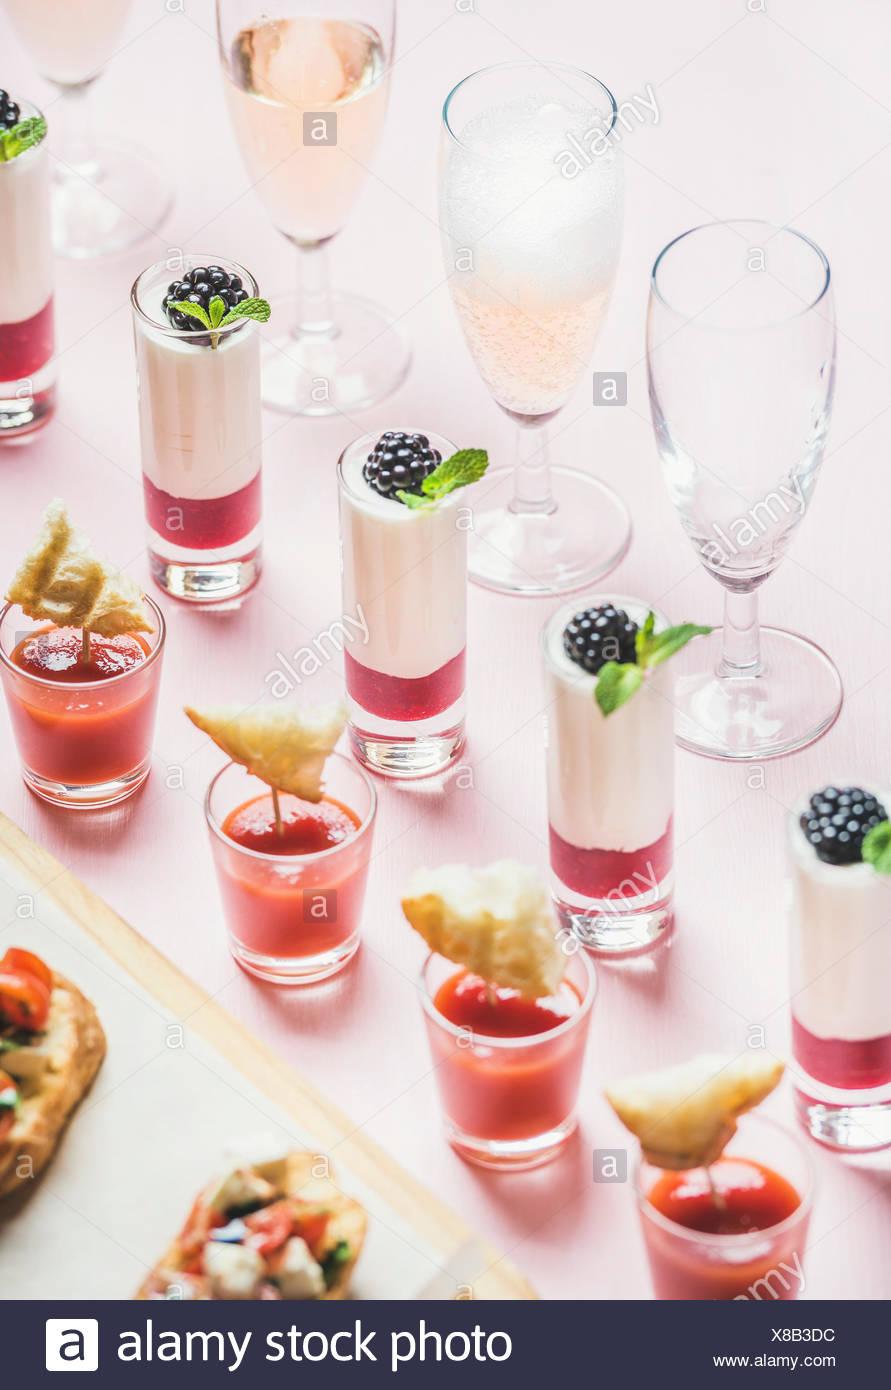 Close-up de diverses collations, brushettas, gazpacho shots, desserts aux fruits rouges et champagne à l'événement d'entreprise, Noël, anniversaire, mariage celebrati Photo Stock